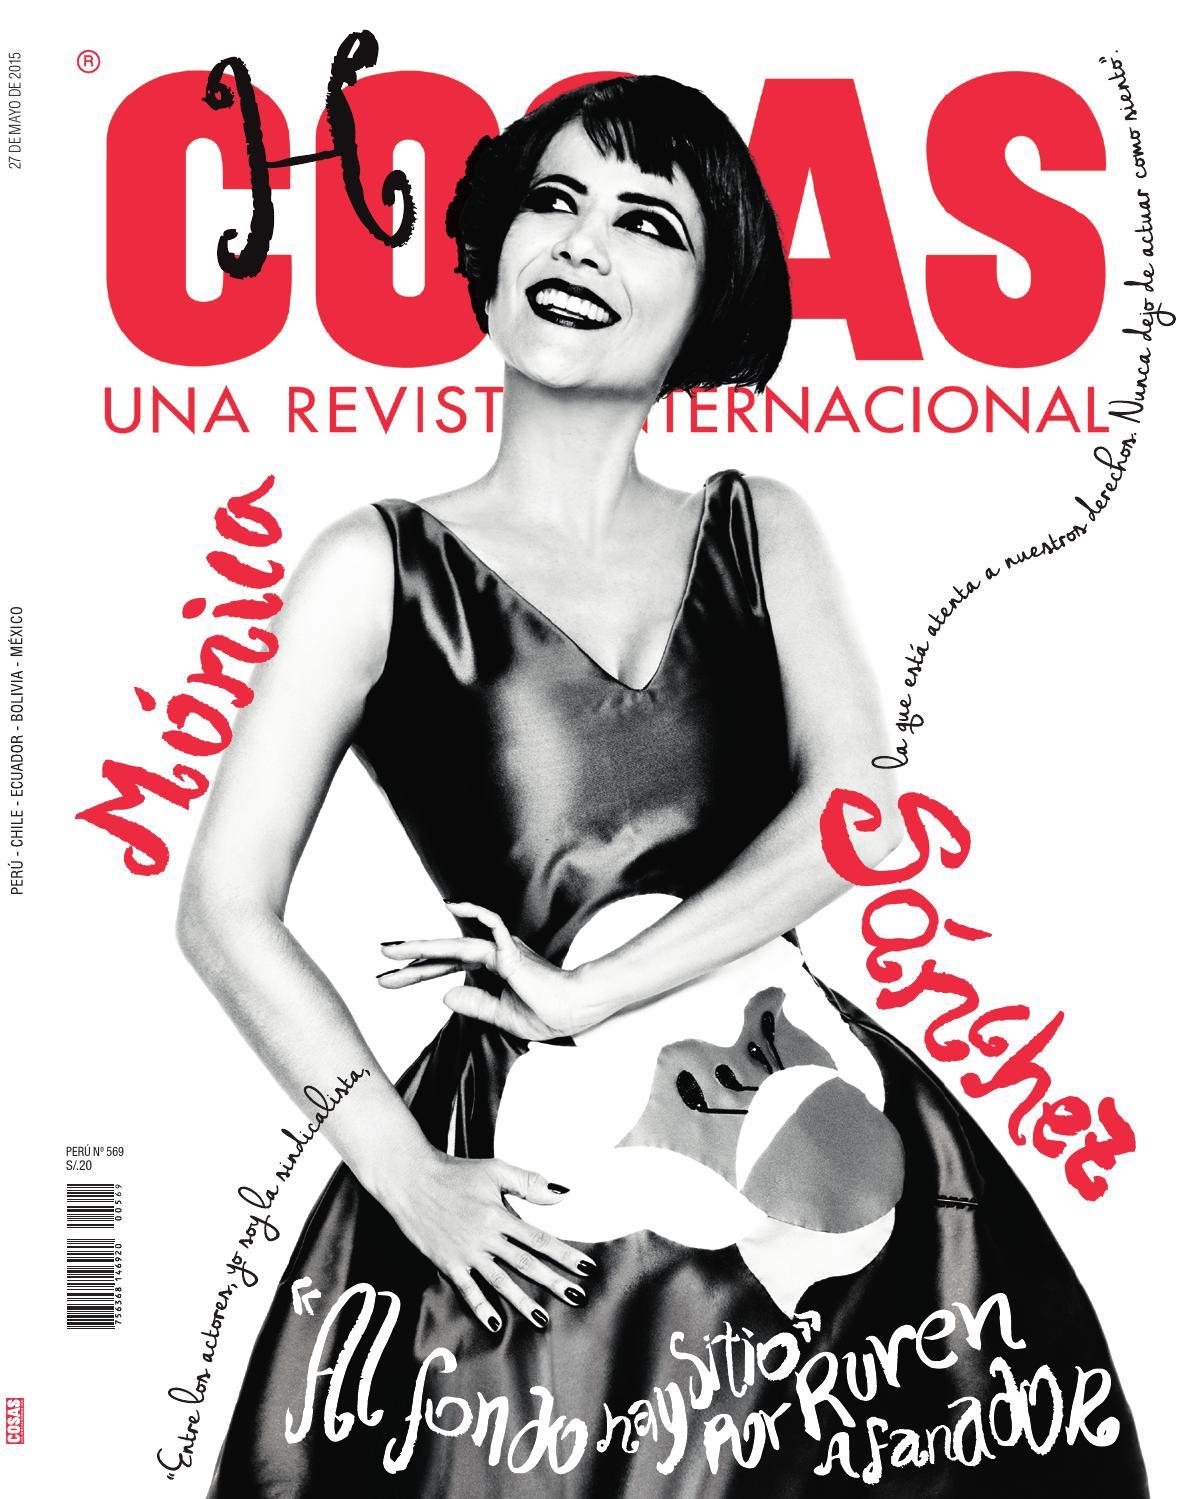 Revista COSAS - Edición 569 by Revista COSAS Perú - issuu b8fcdfe9444